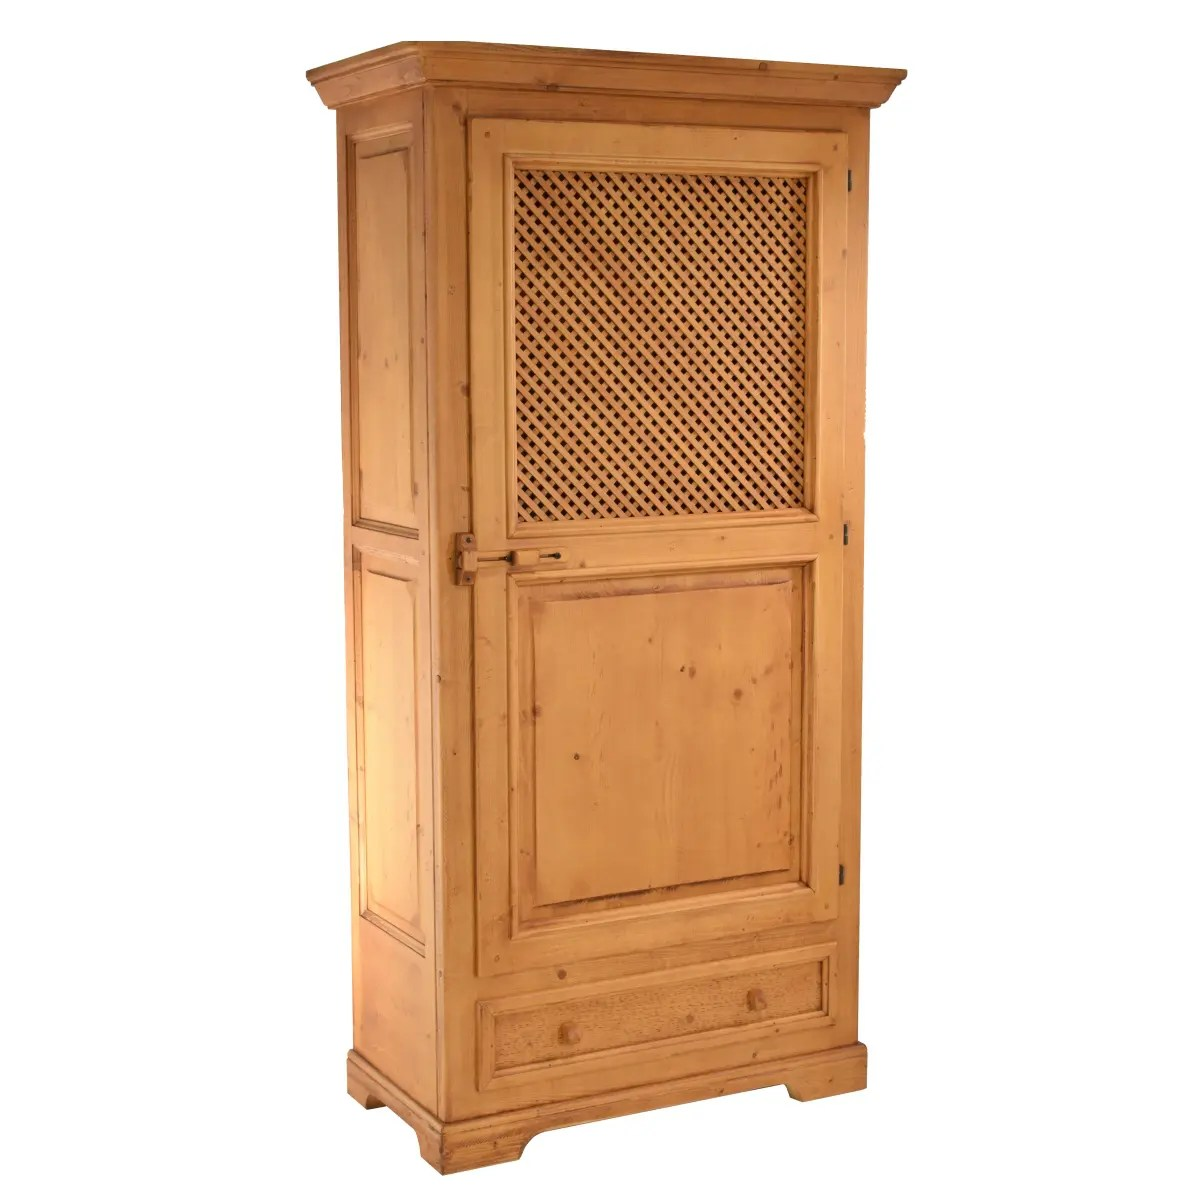 Armario recibidor rstico de madera Ecorstico venta de